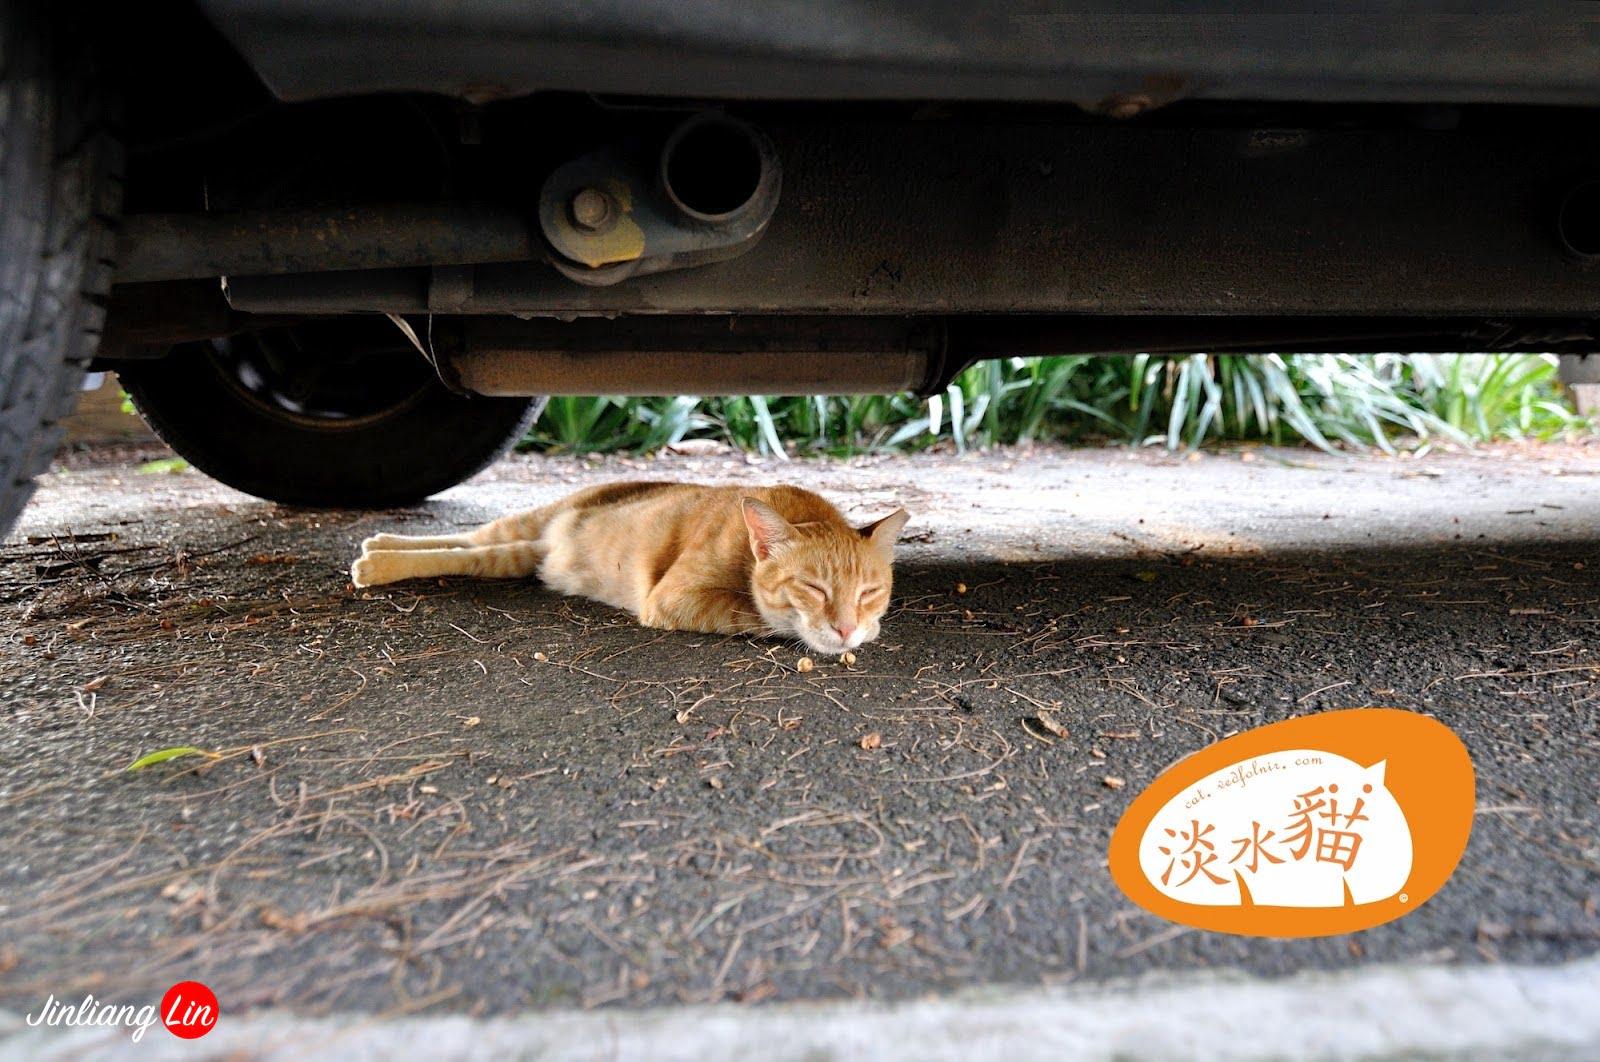 汽車下不是熱狗,是淡水熱貓「小橘」|百貓物語